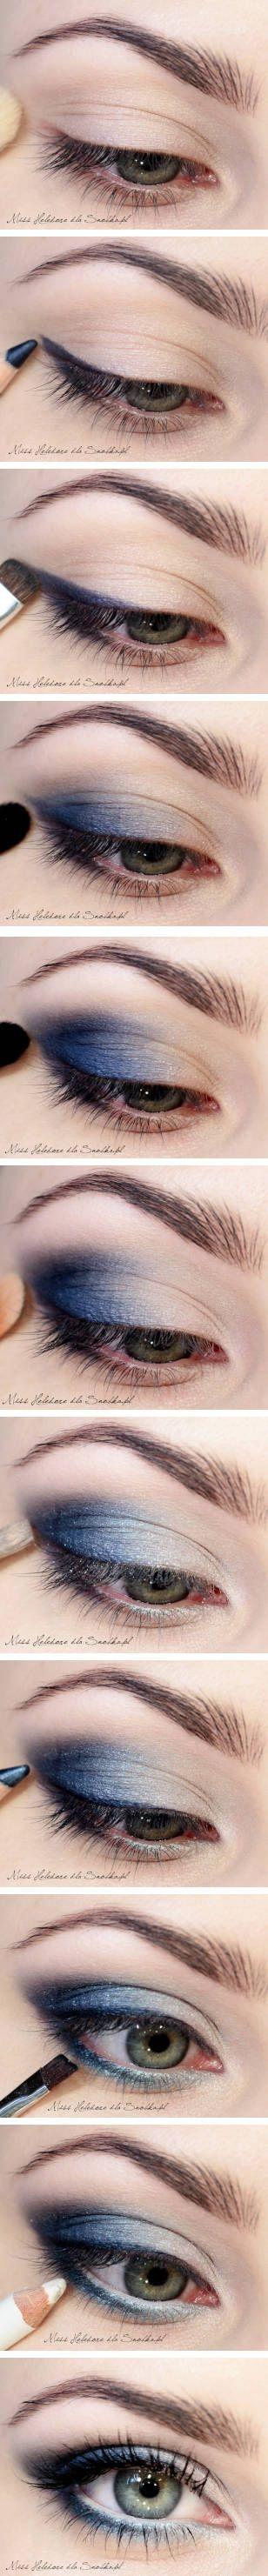 smoky eye with blue